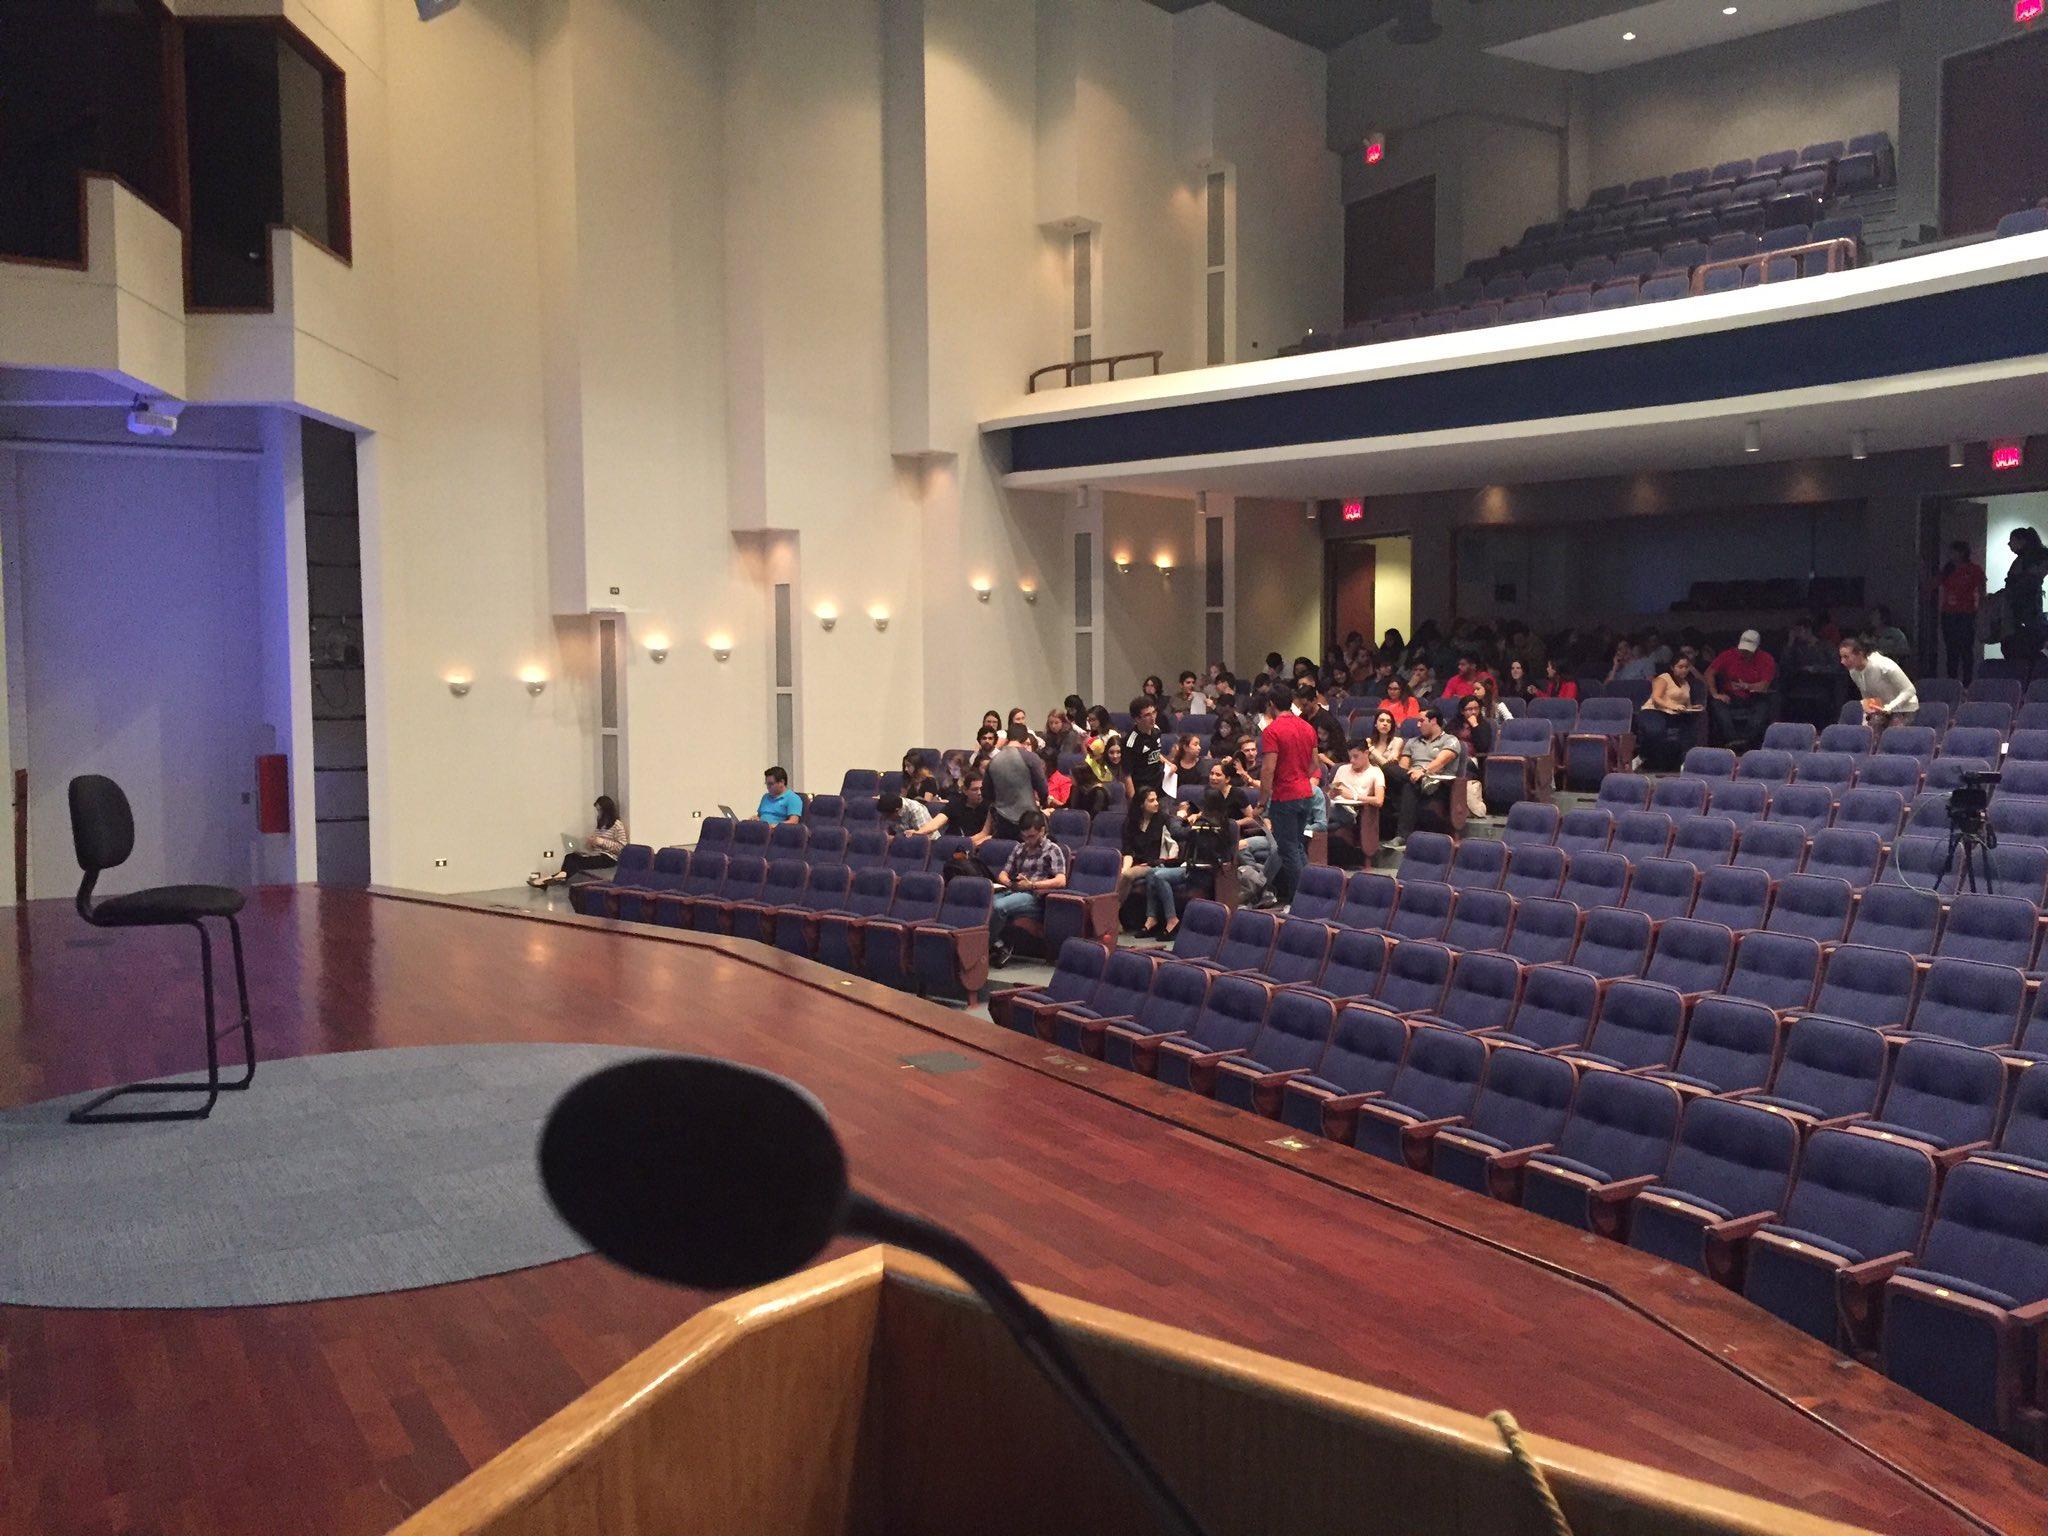 Se empieza a llenar el auditorium @UFMedu en espera de @yoanisanchez #YoaniUFM https://t.co/48gGRHAfsd